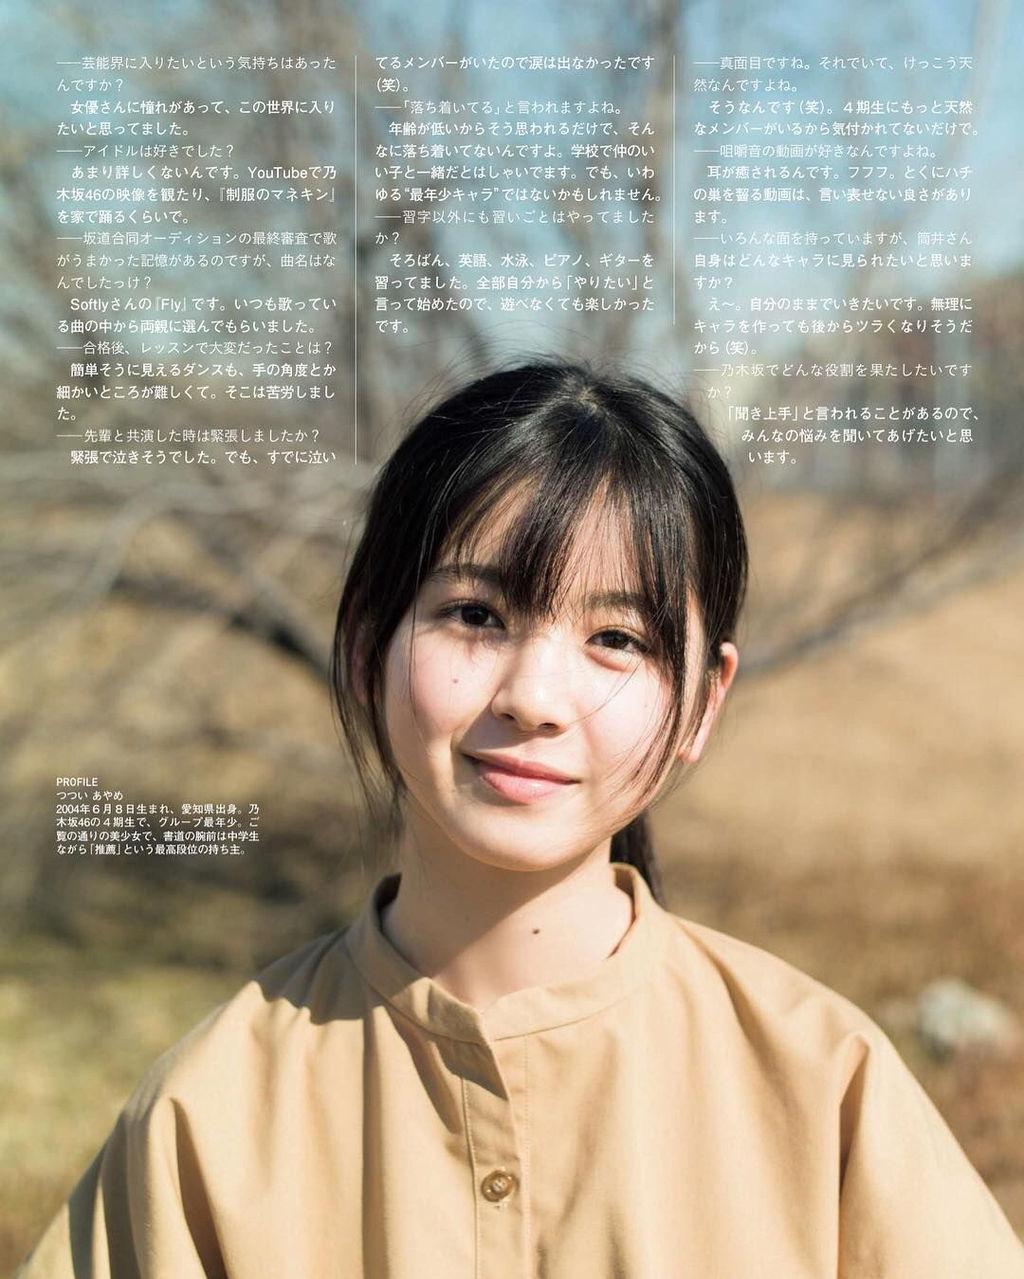 乃木坂の未来は明るい..... 4期生・筒井あやめ(14)の雑誌グラビアが最高すぎる